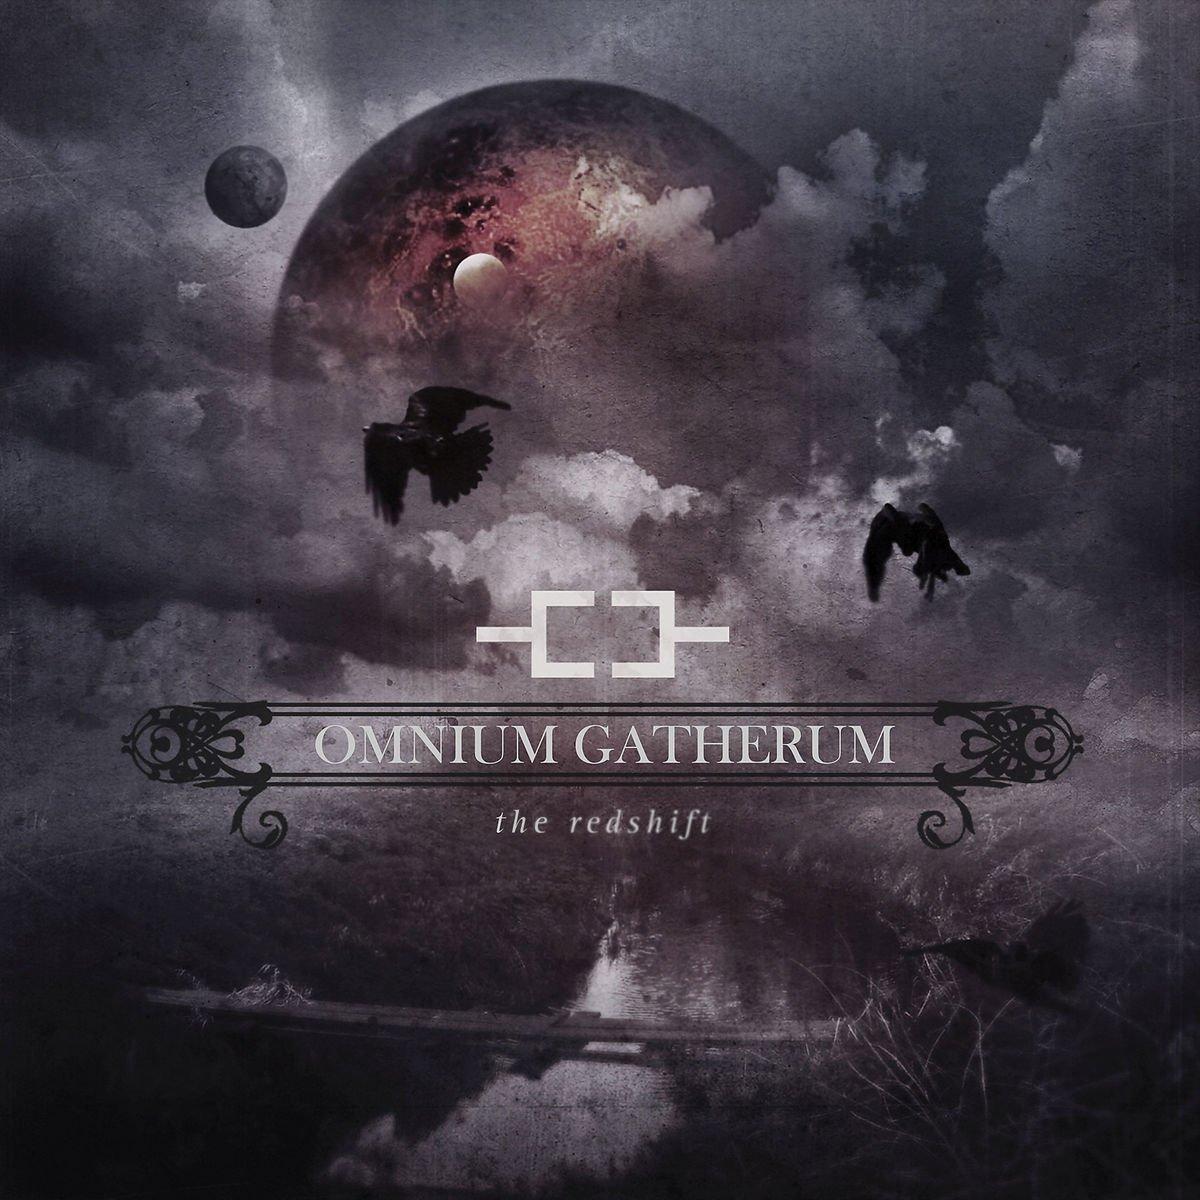 Vinilo : Omnium Gatherum - The Redshift (Colored Vinyl, 2 Disc)